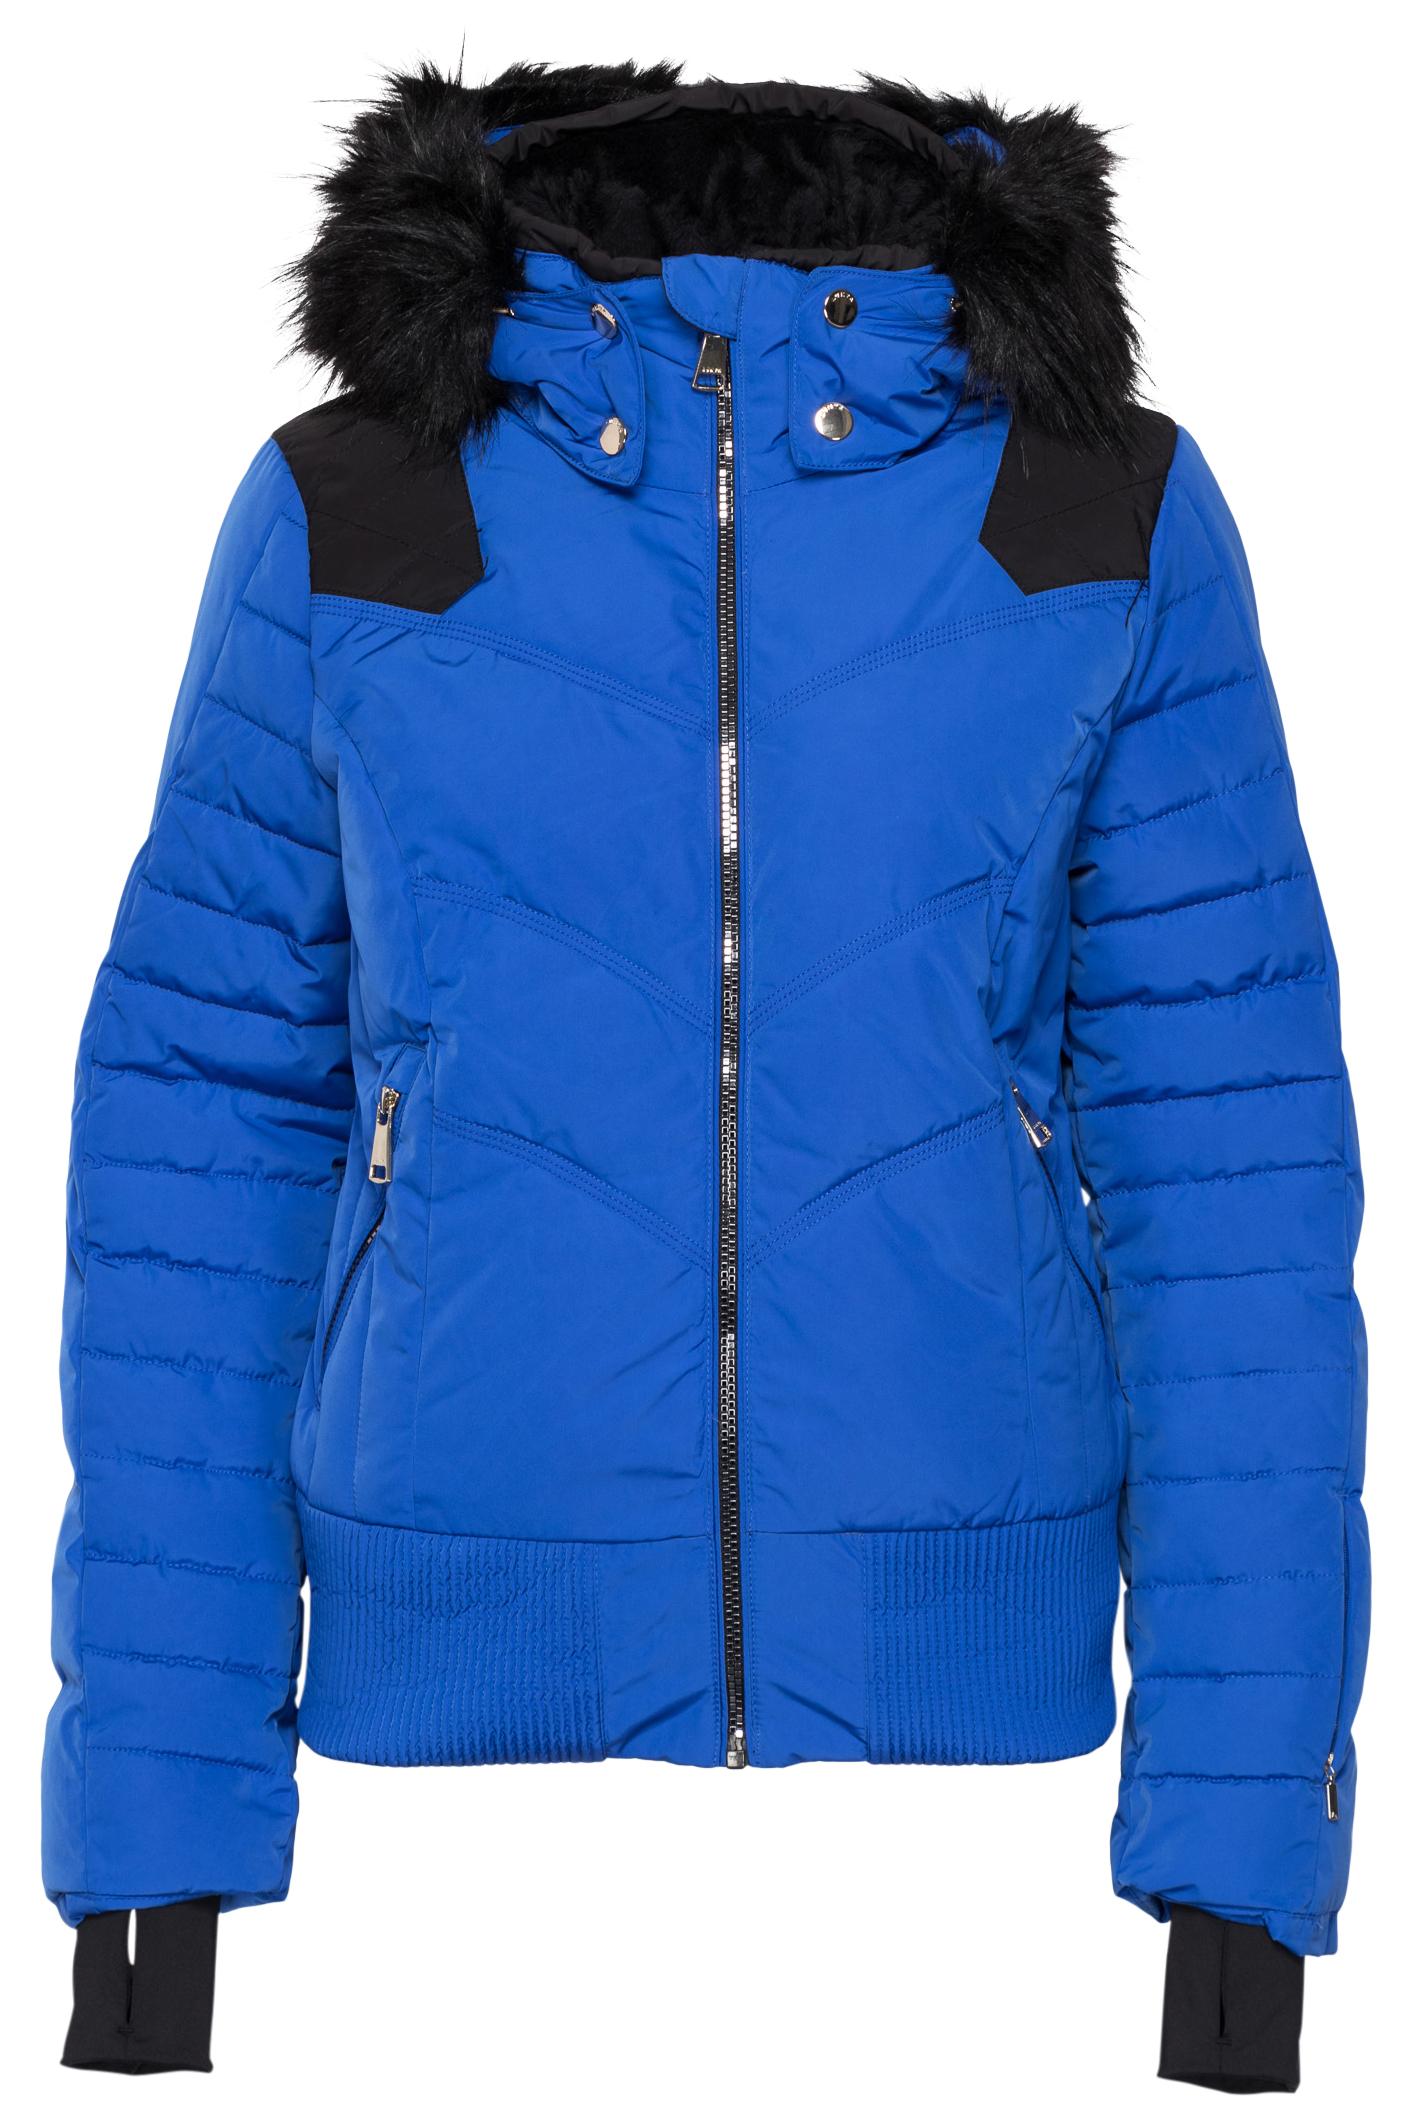 blauwe dames jas Luhta Bigga  - 350